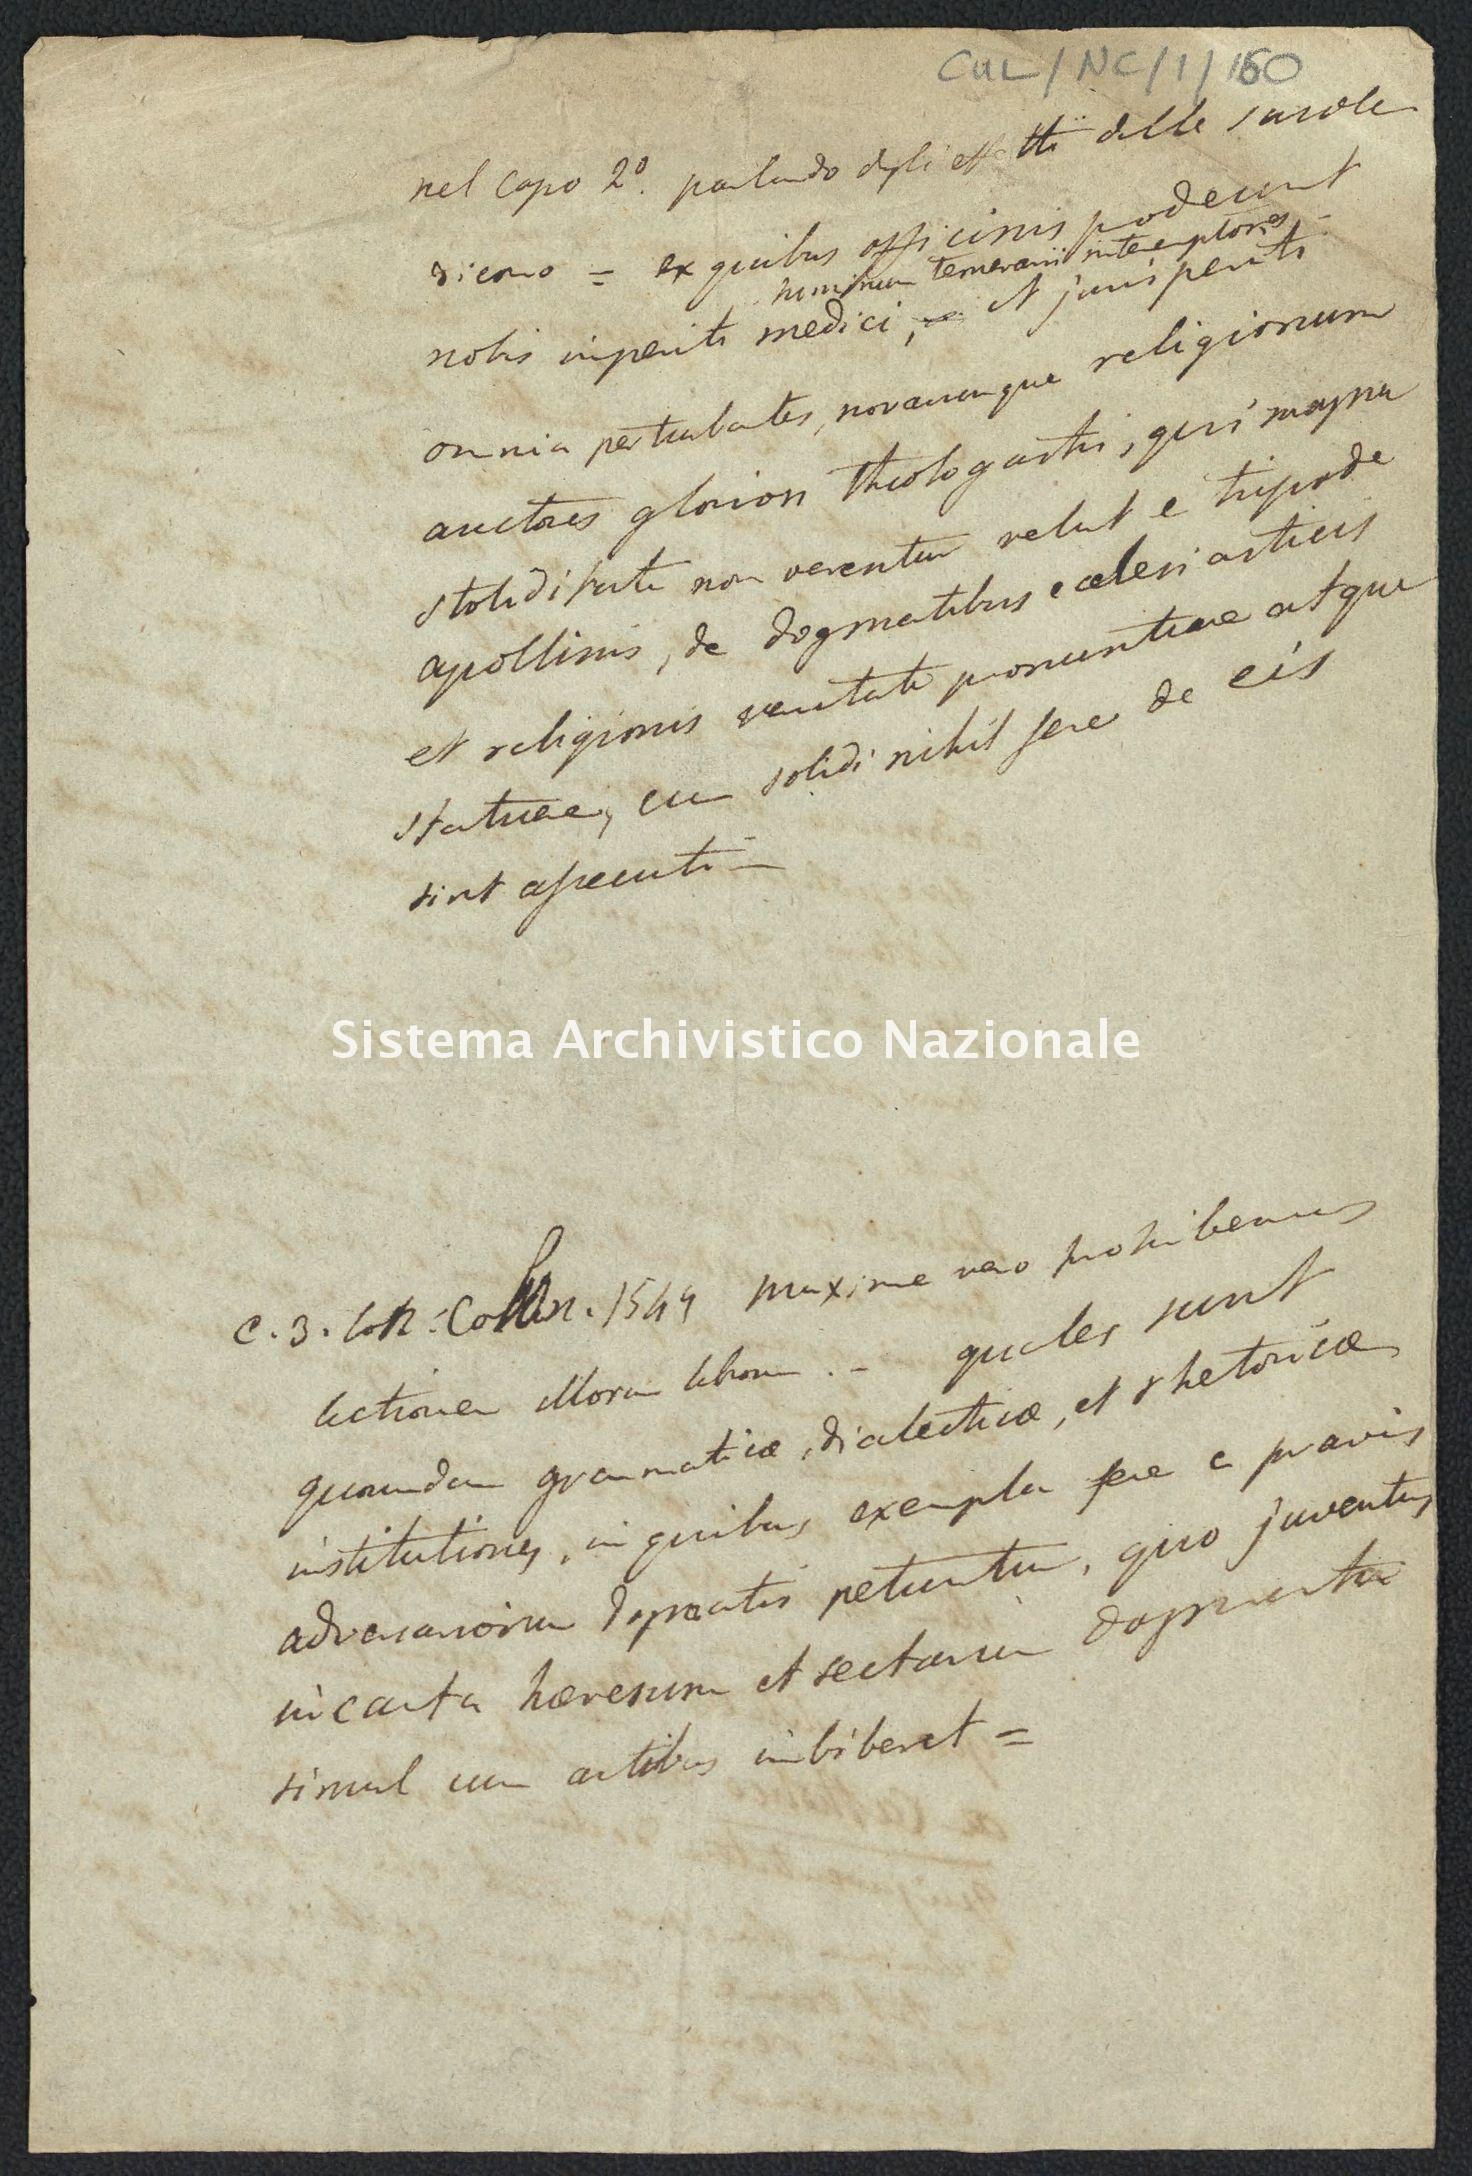 Pontificio Collegio Irlandese - CUL_NC_160